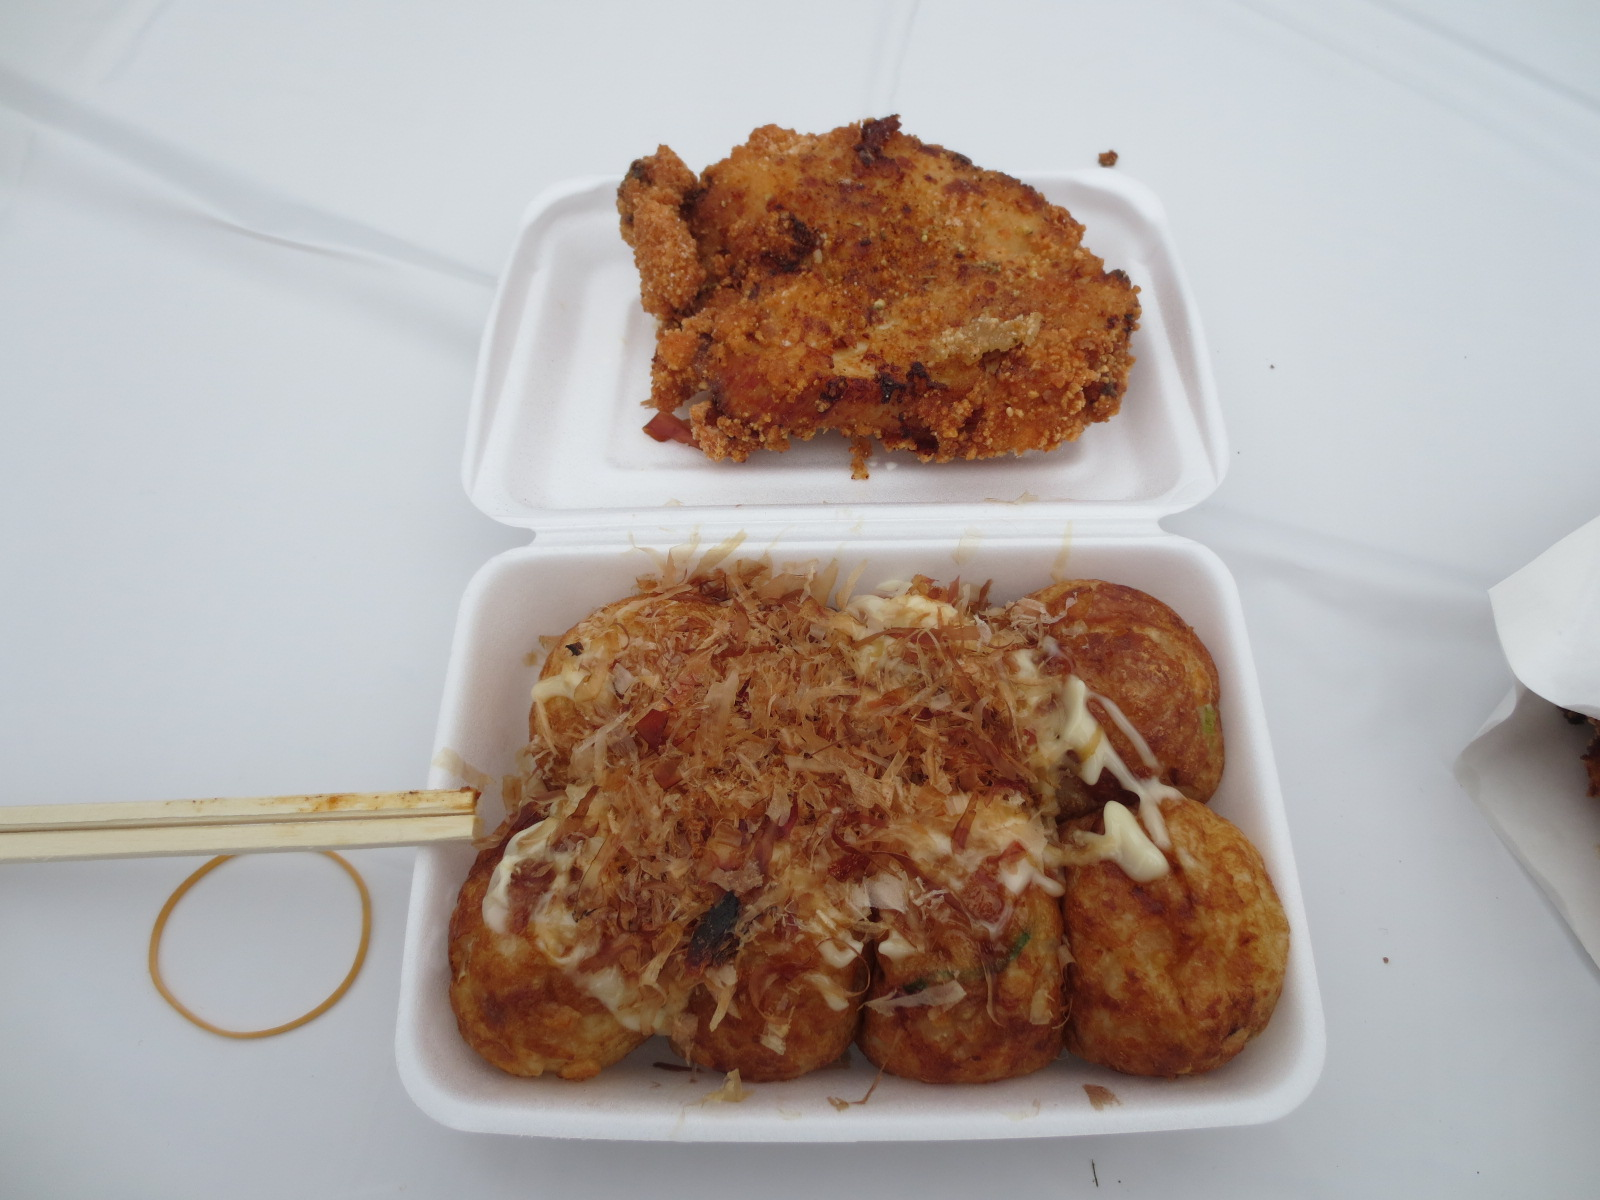 道頓堀リバーフェスティバル:たこ焼と鶏排